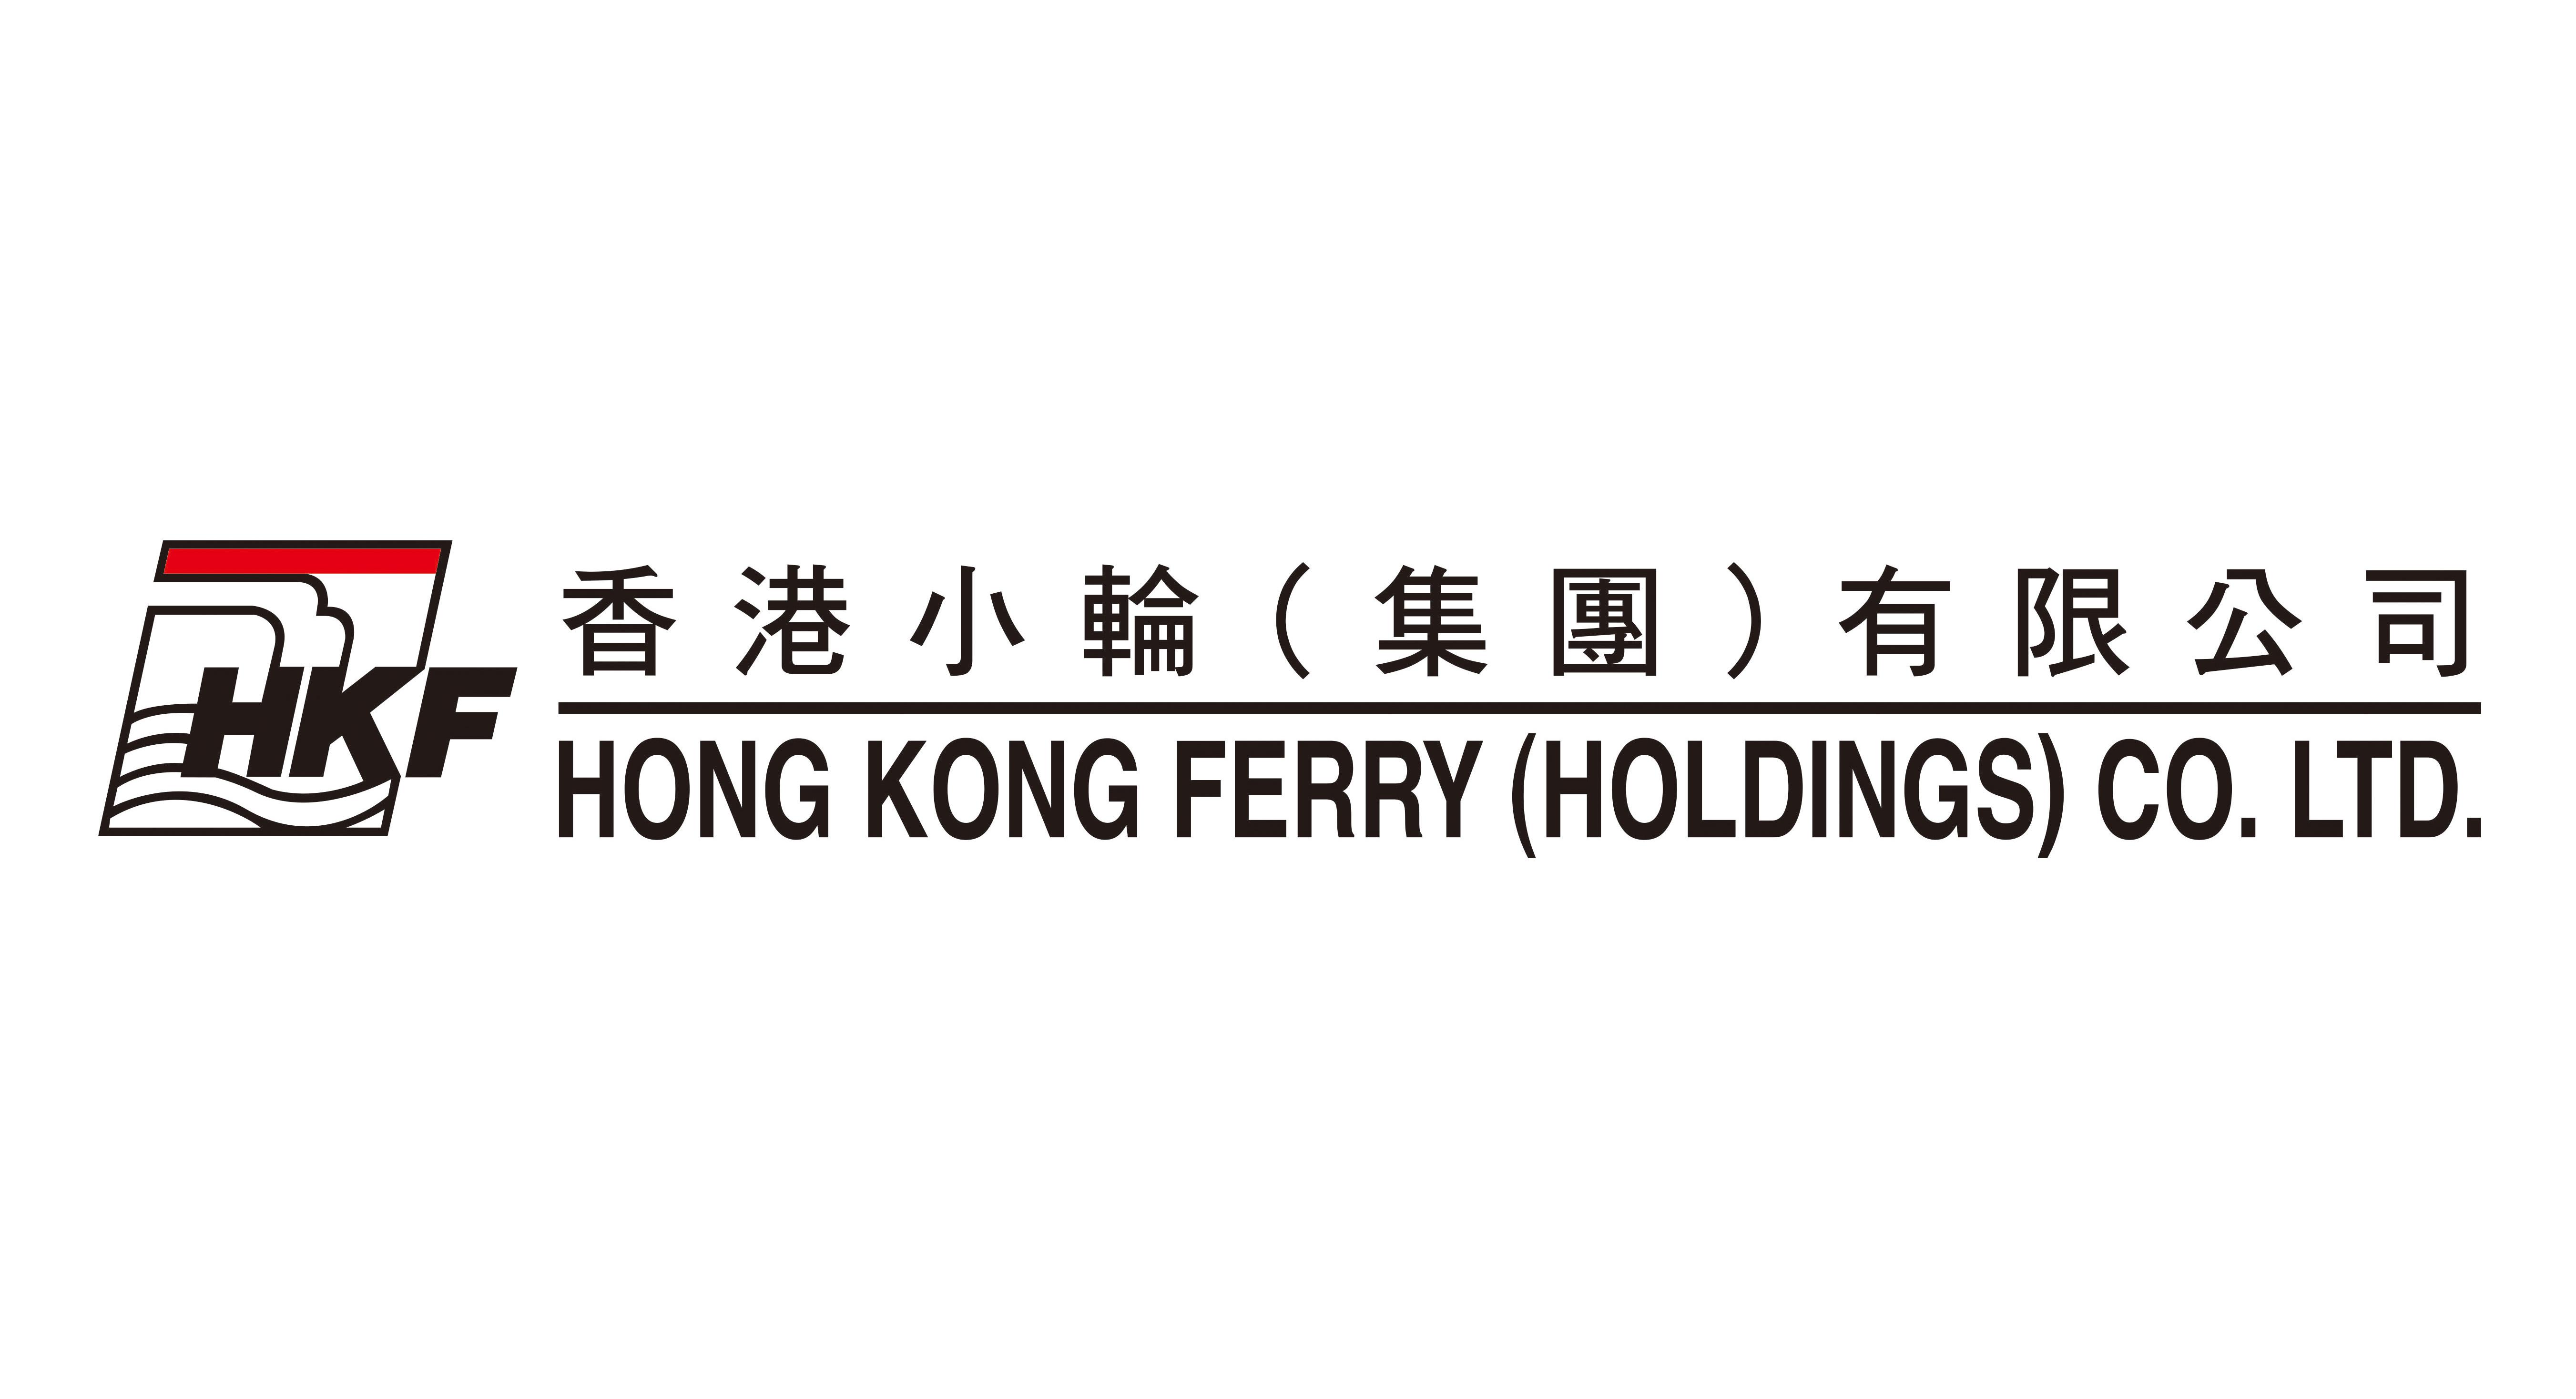 HKF_Logo.jpg (391 KB)